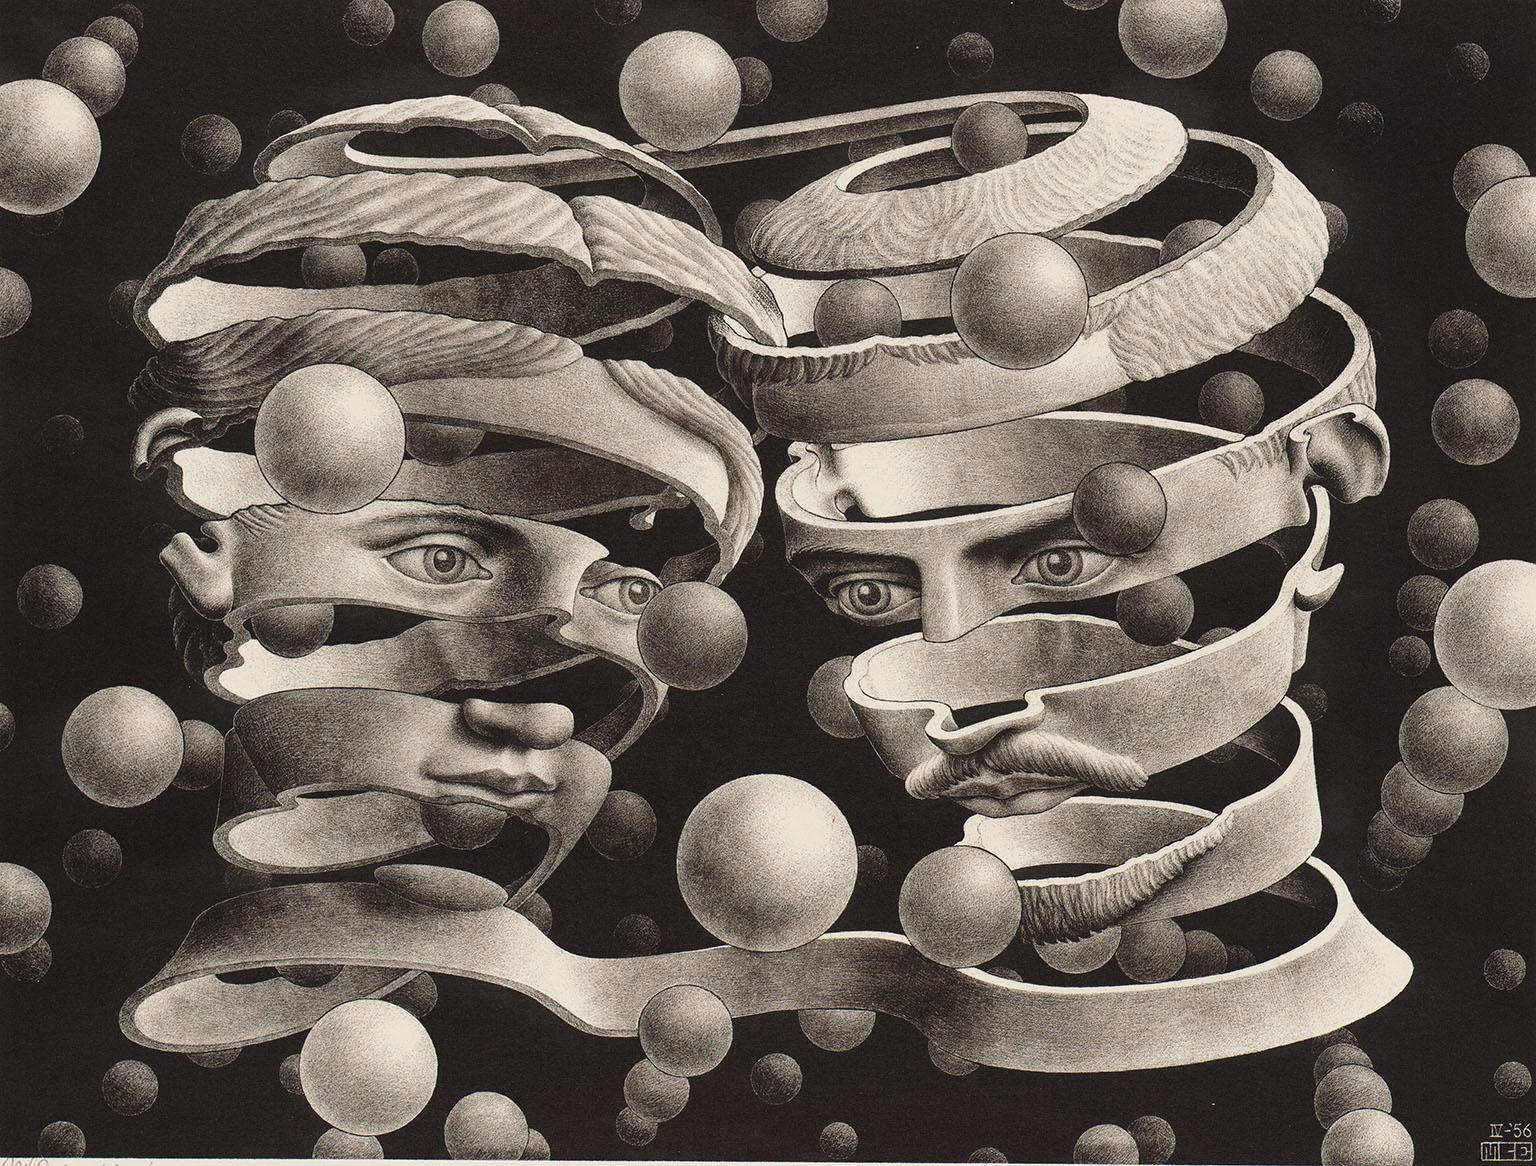 MC-Escher-Bound of Unionrelation illustre Les relations difficiles